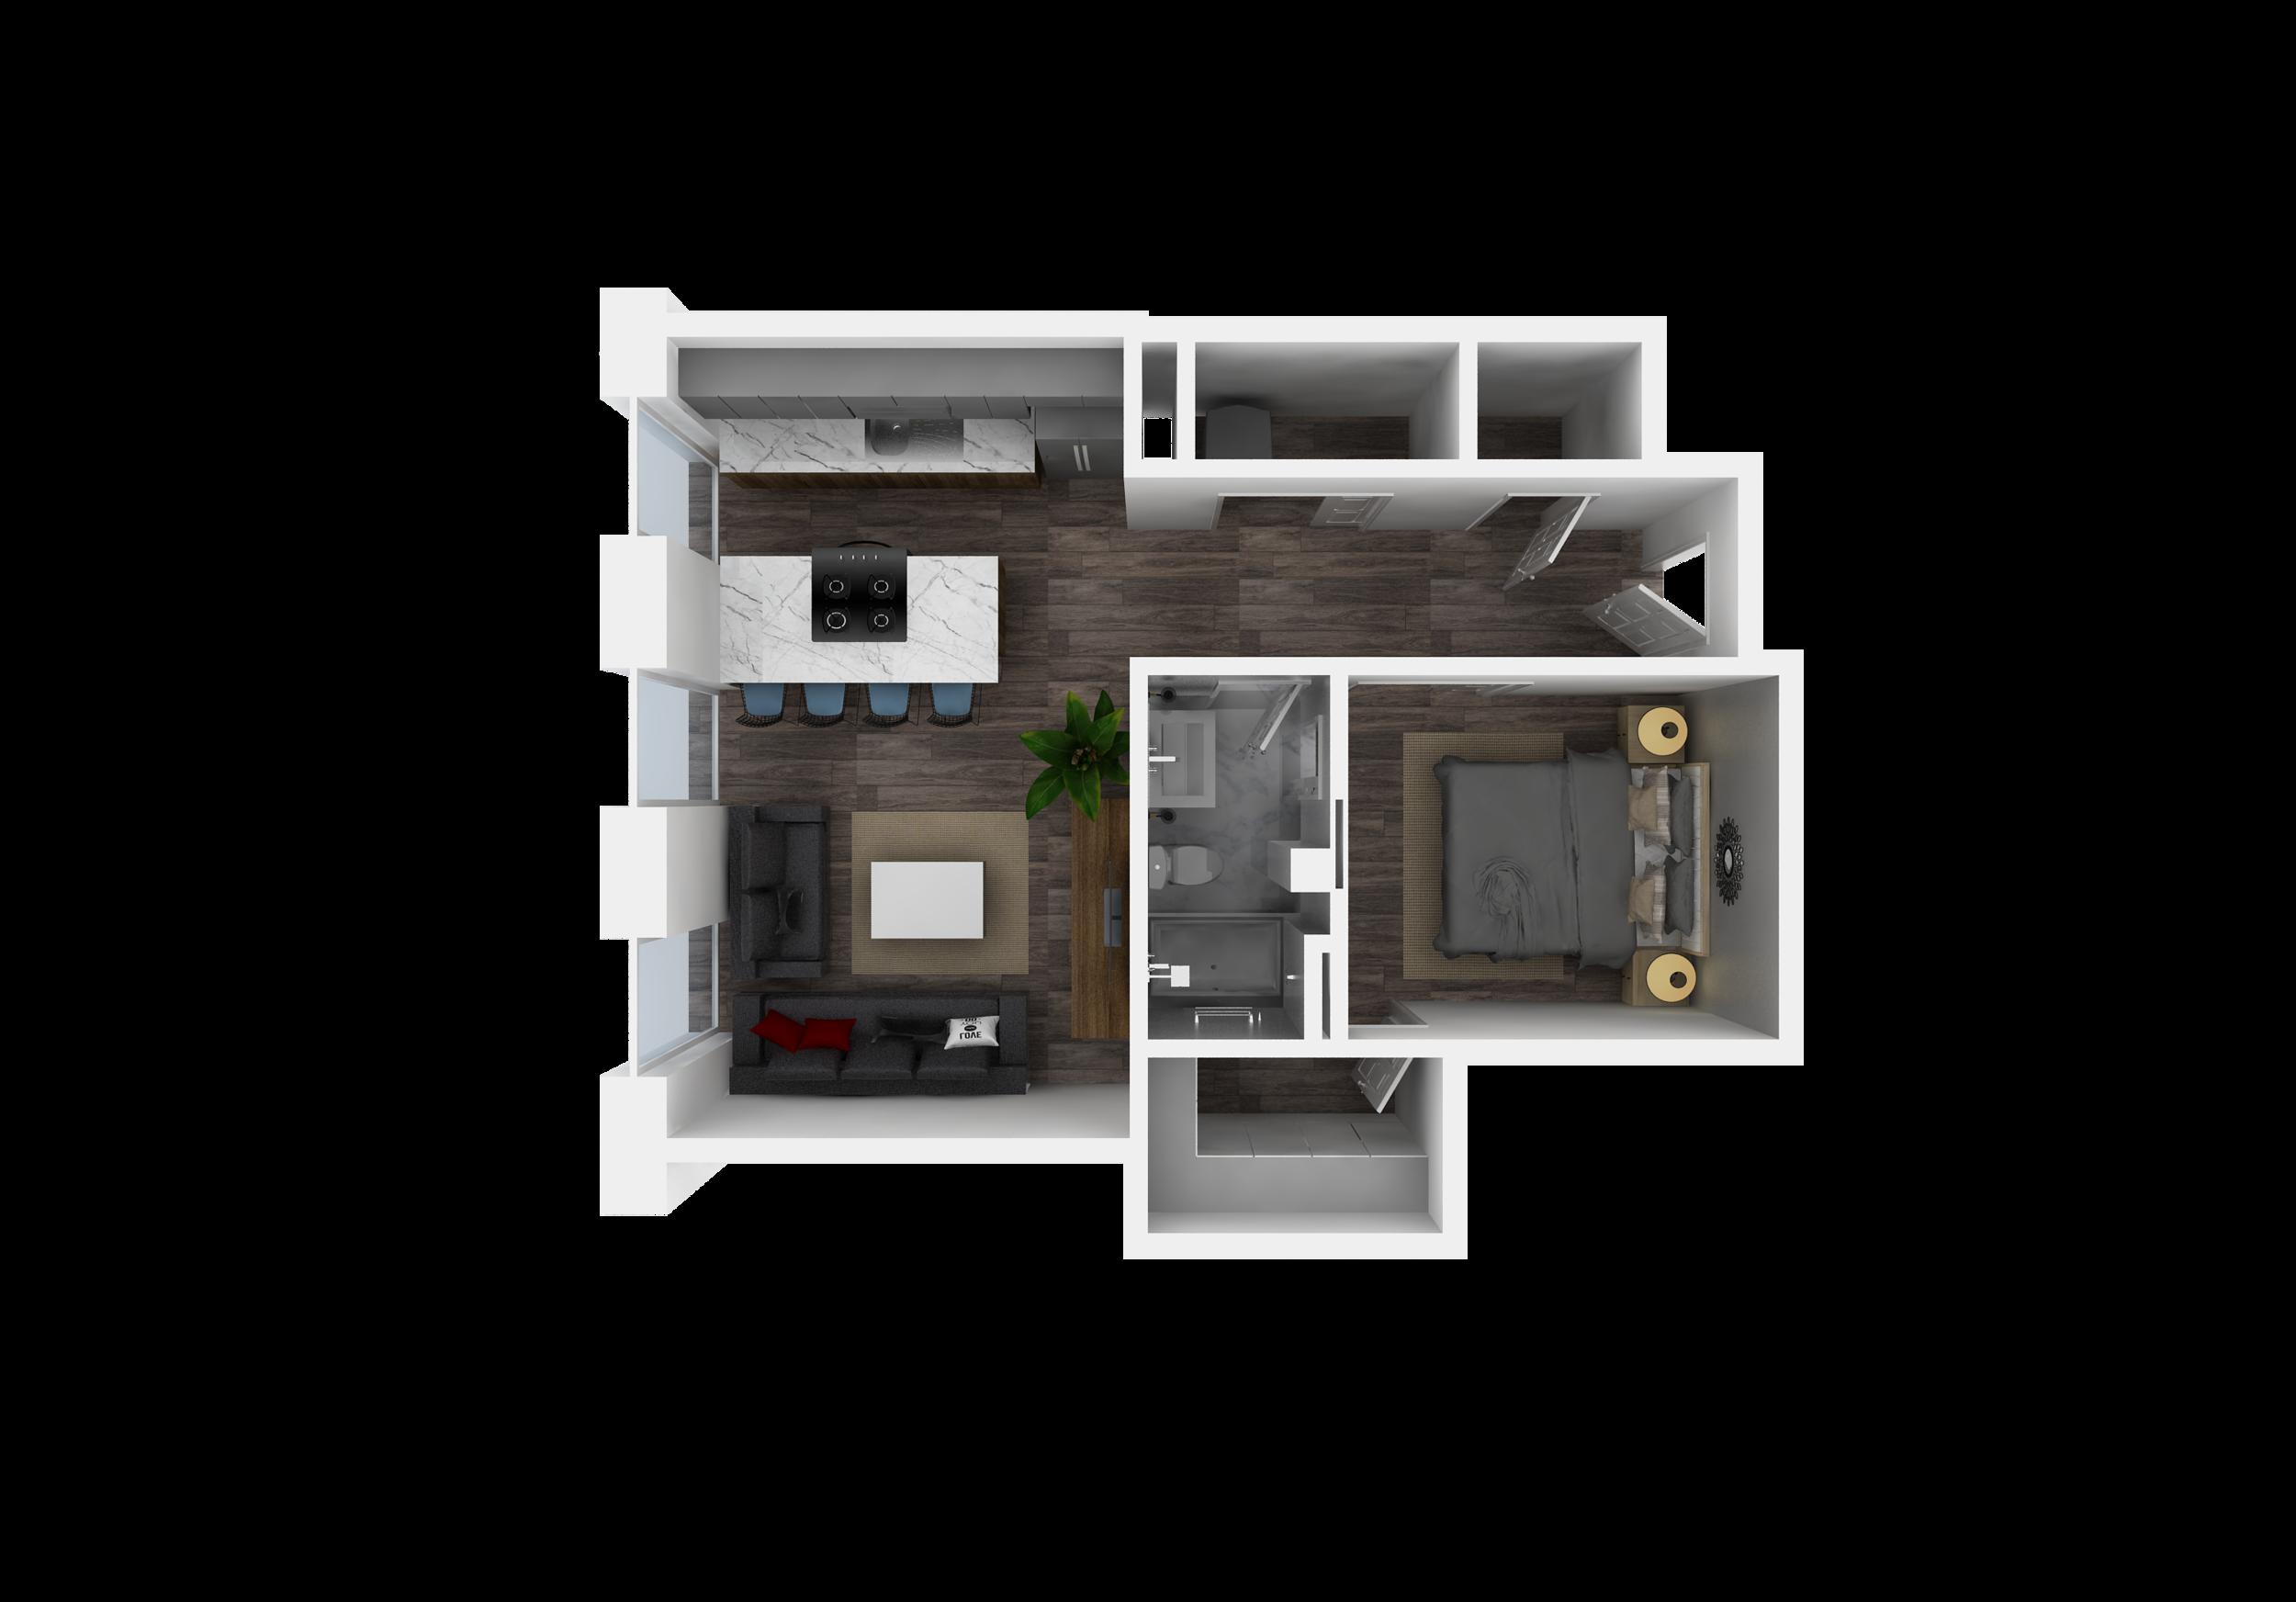 S124-Typica unit type 3 plans floor 2-5-Scene 1.0000.png